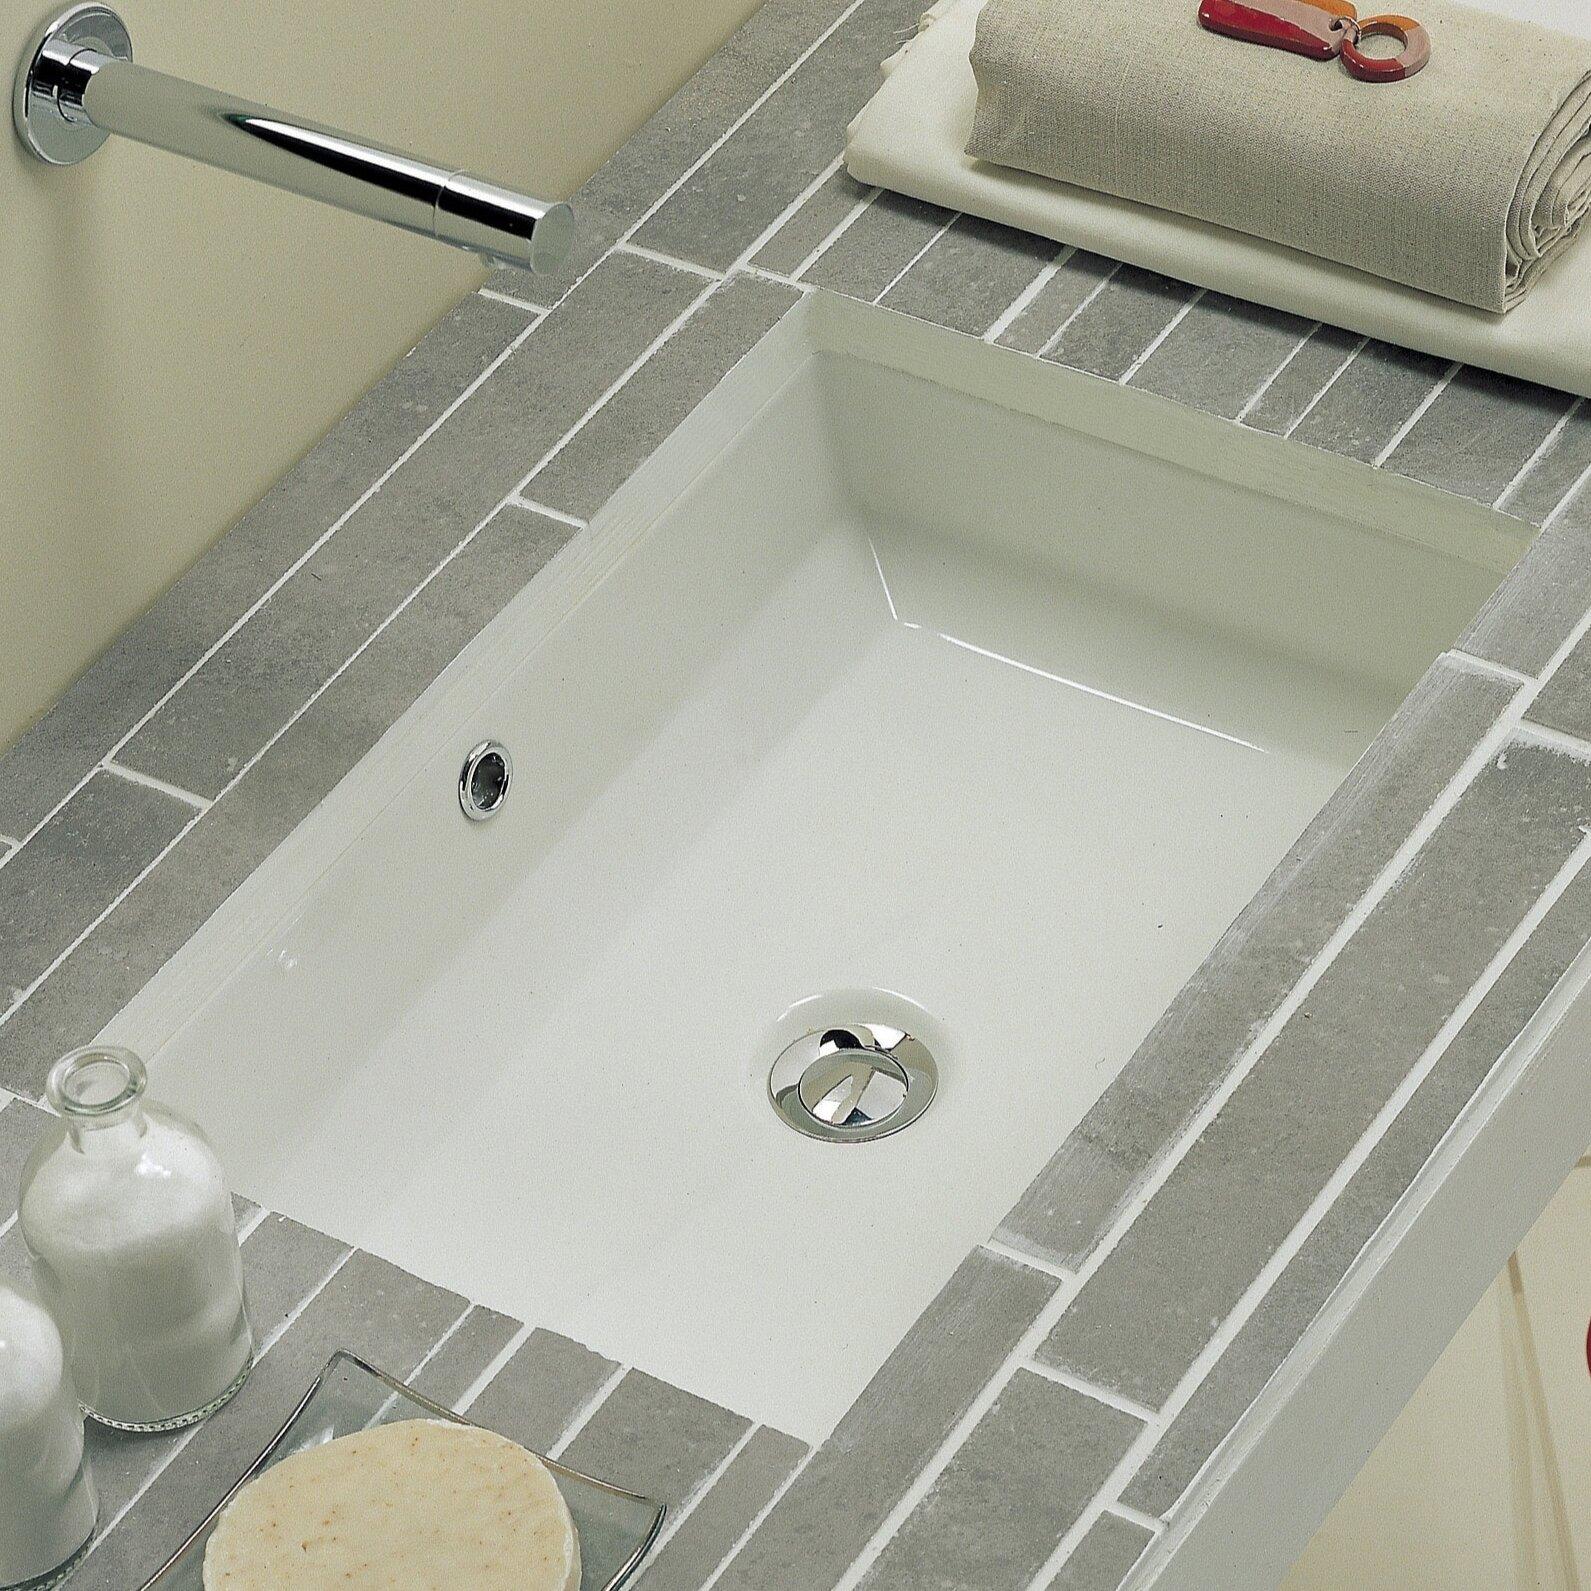 k bathroom archer ceramic improvement overflow reviews home kohler sink rectangular pdx wayfair with undermount